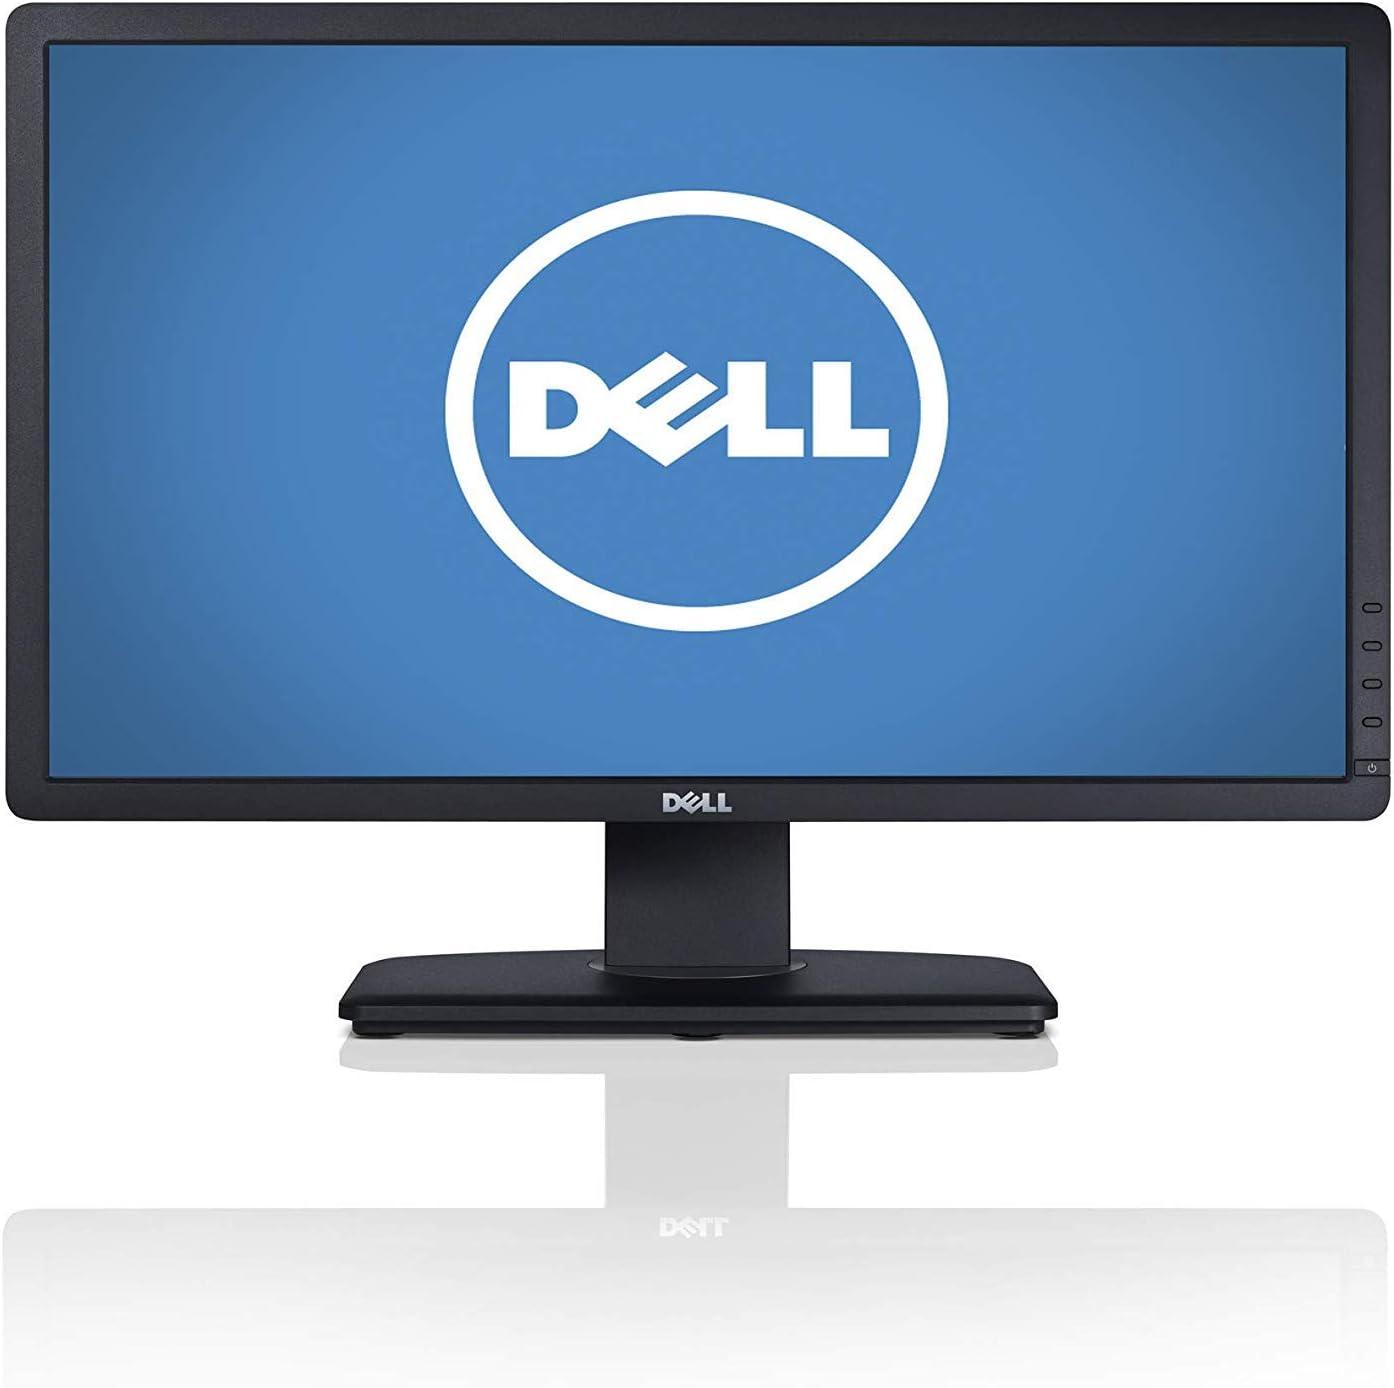 """2019 Dell UltraSharp U2412M LED Monitor - 24"""" FHD 1920 x 1200 - IPS - 300 cd/m² - 1000:1-8 ms - DVI-D VGA DisplayPort - Black"""